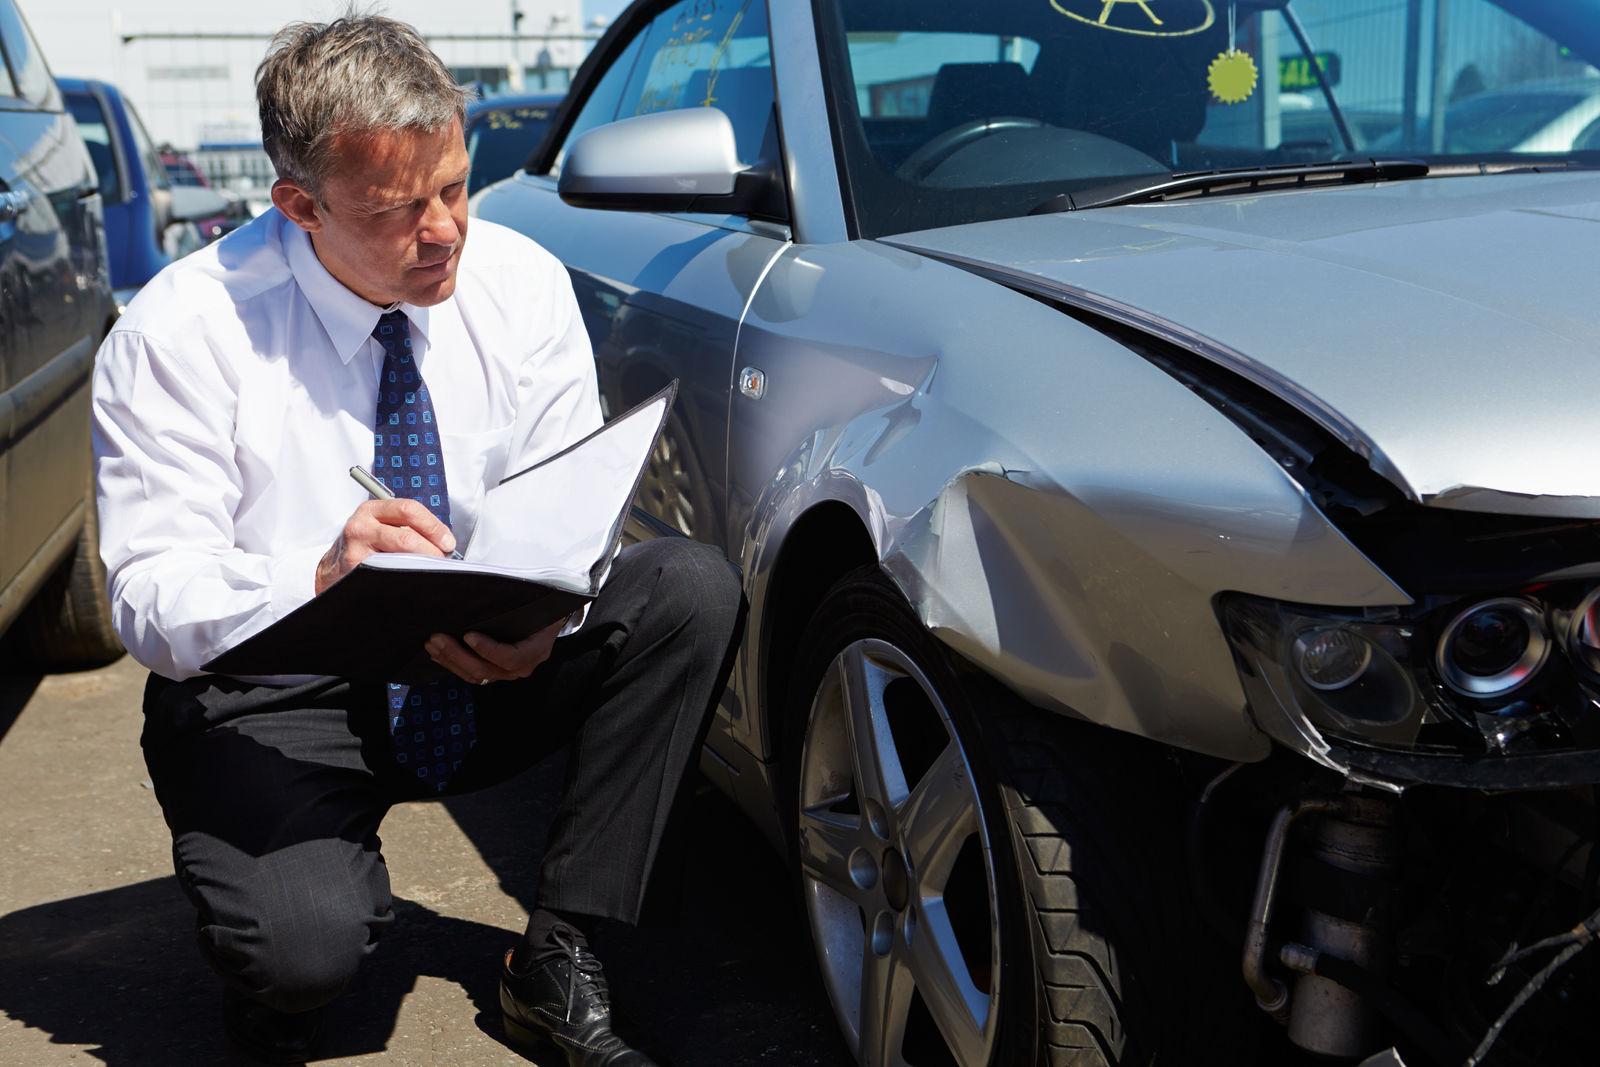 Buy cars from insurance company